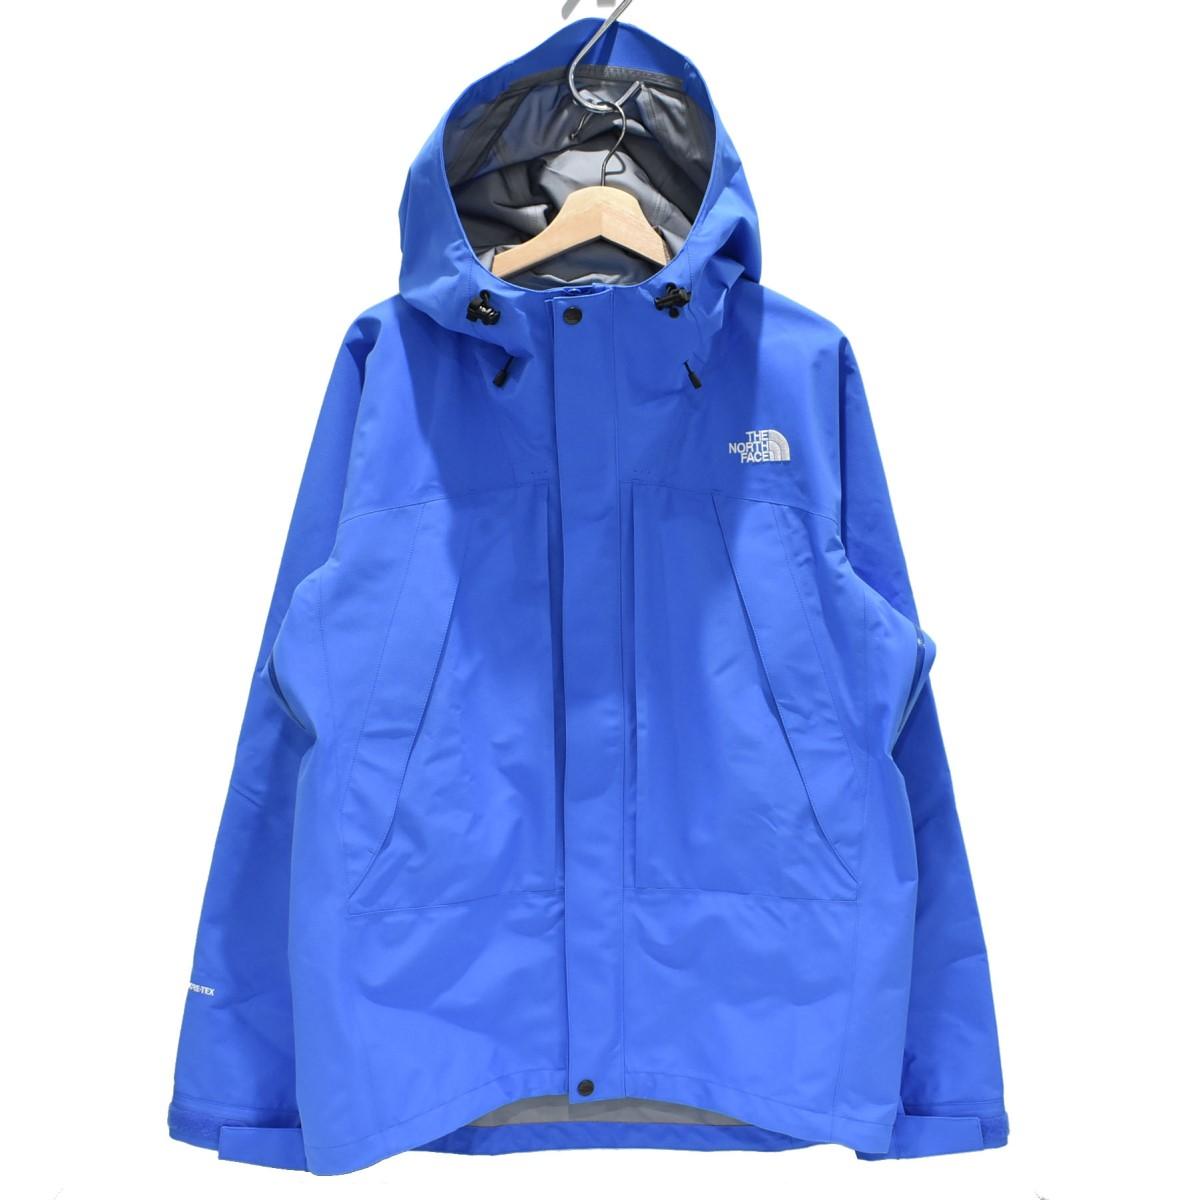 【中古】THE NORTH FACE NP61910 All Mountain Jacket マウンテンジャケット ブルー サイズ:XL 【040520】(ザノースフェイス)